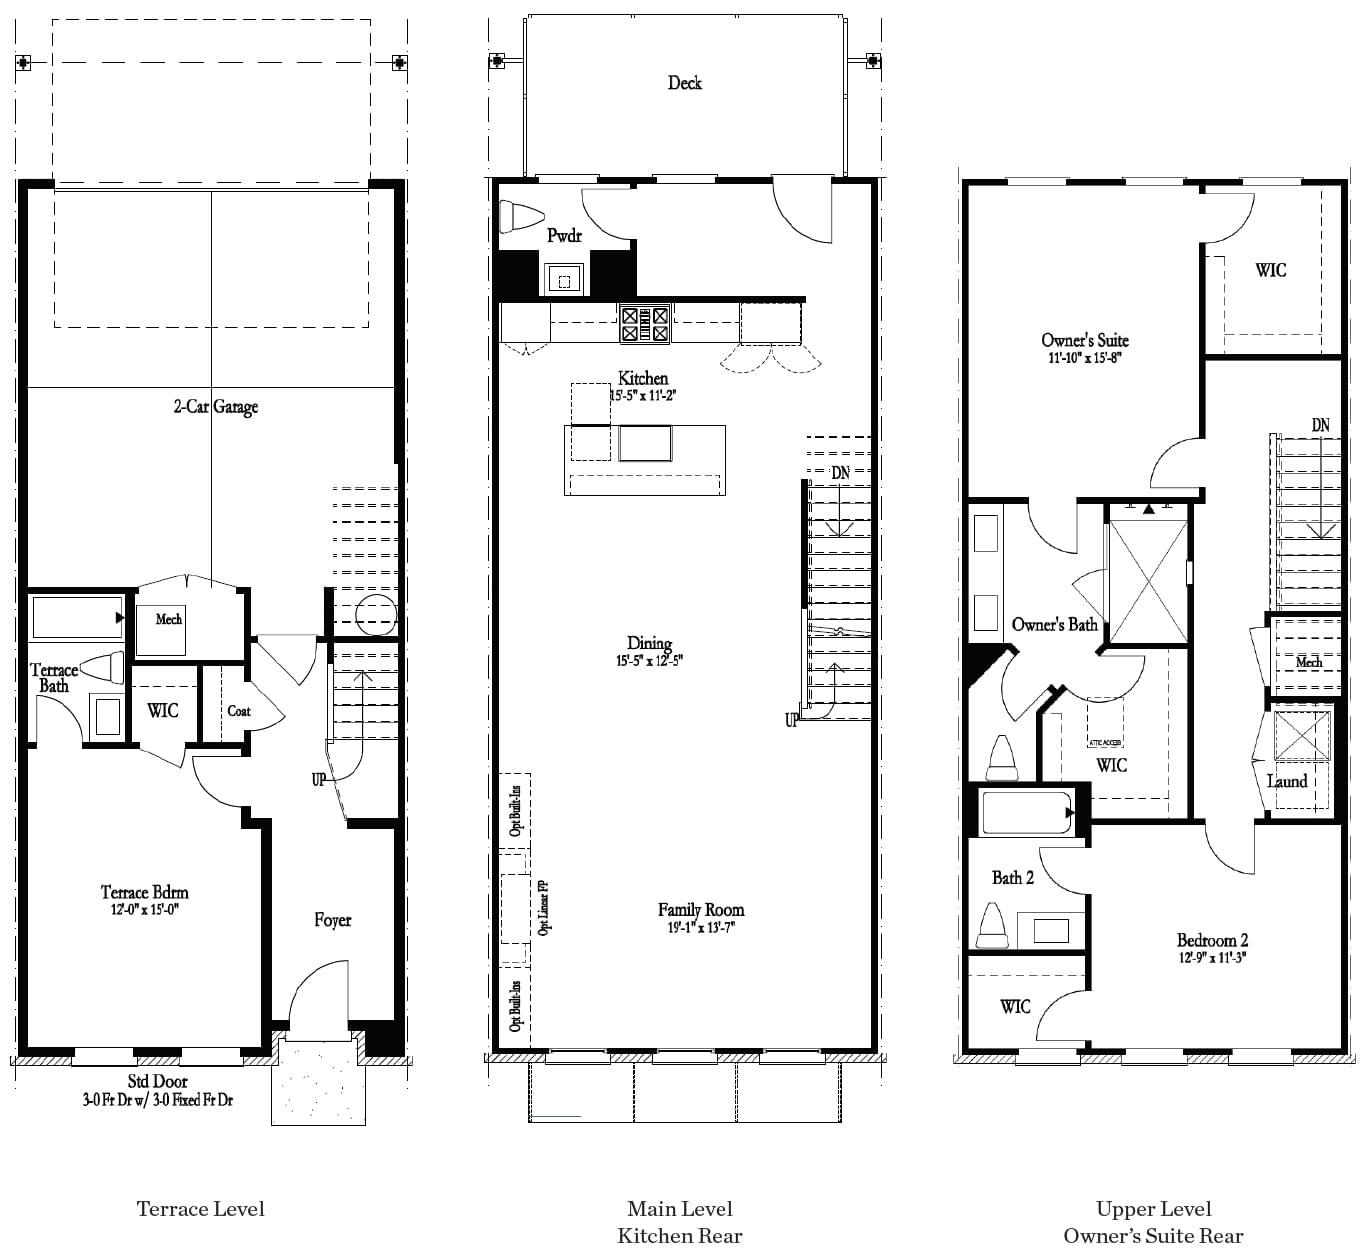 Floor Plans. Decatur, GA New Home